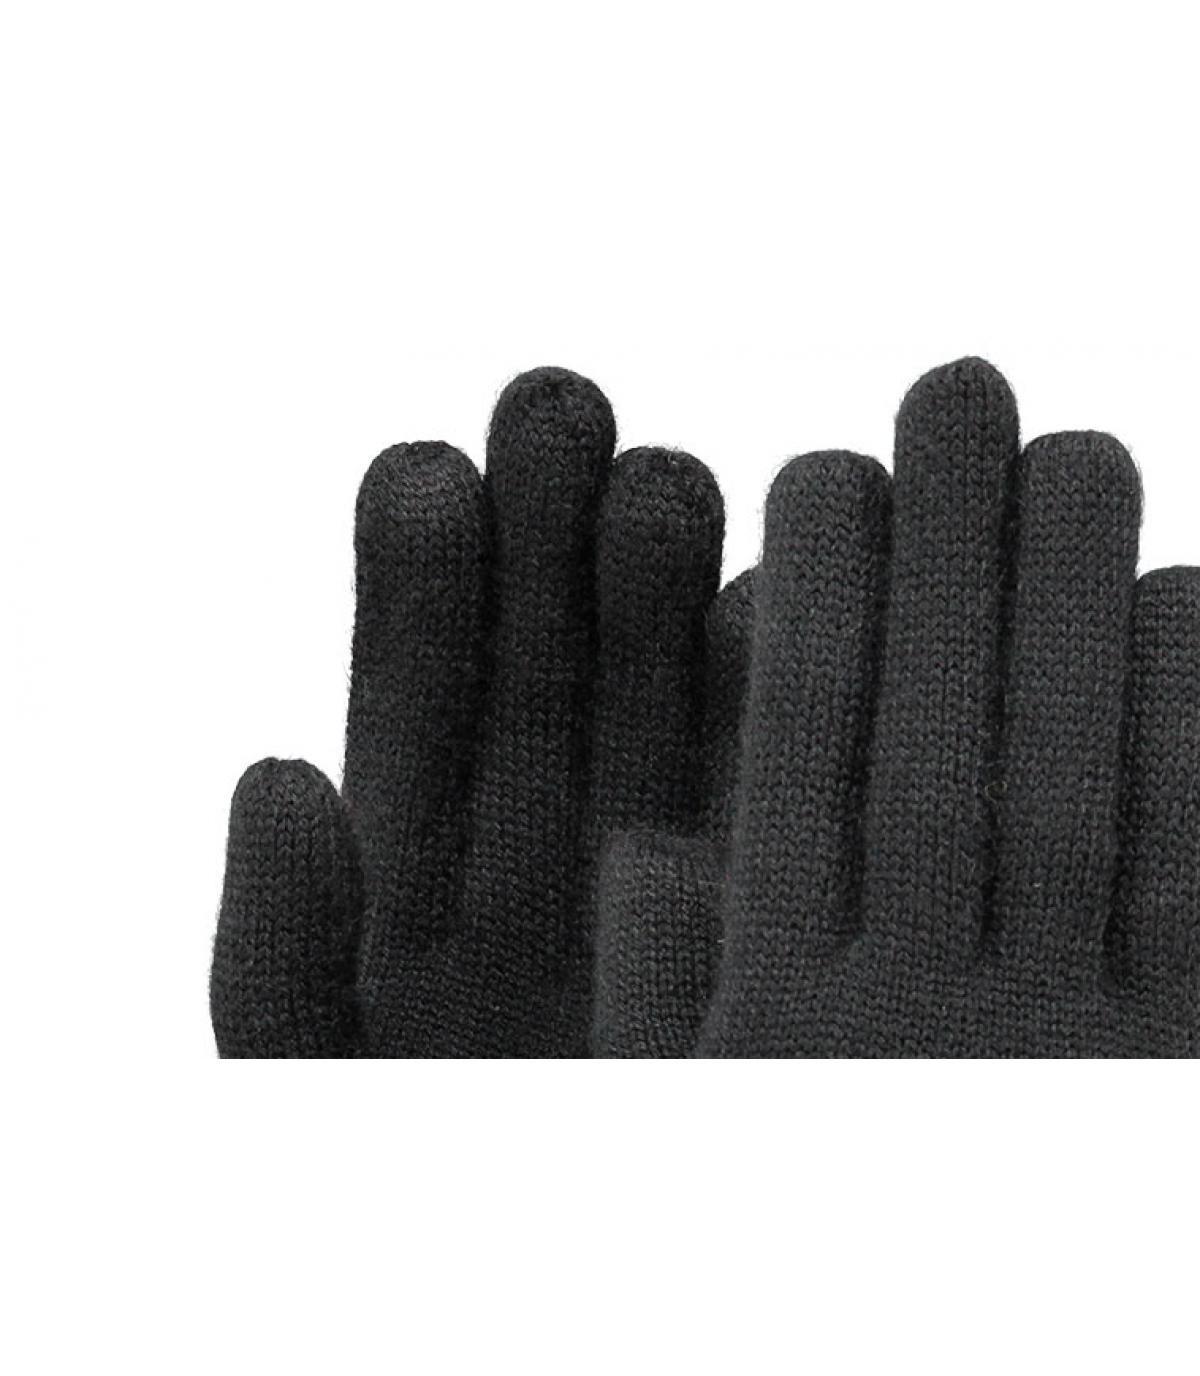 Thin zwarte handschoenen